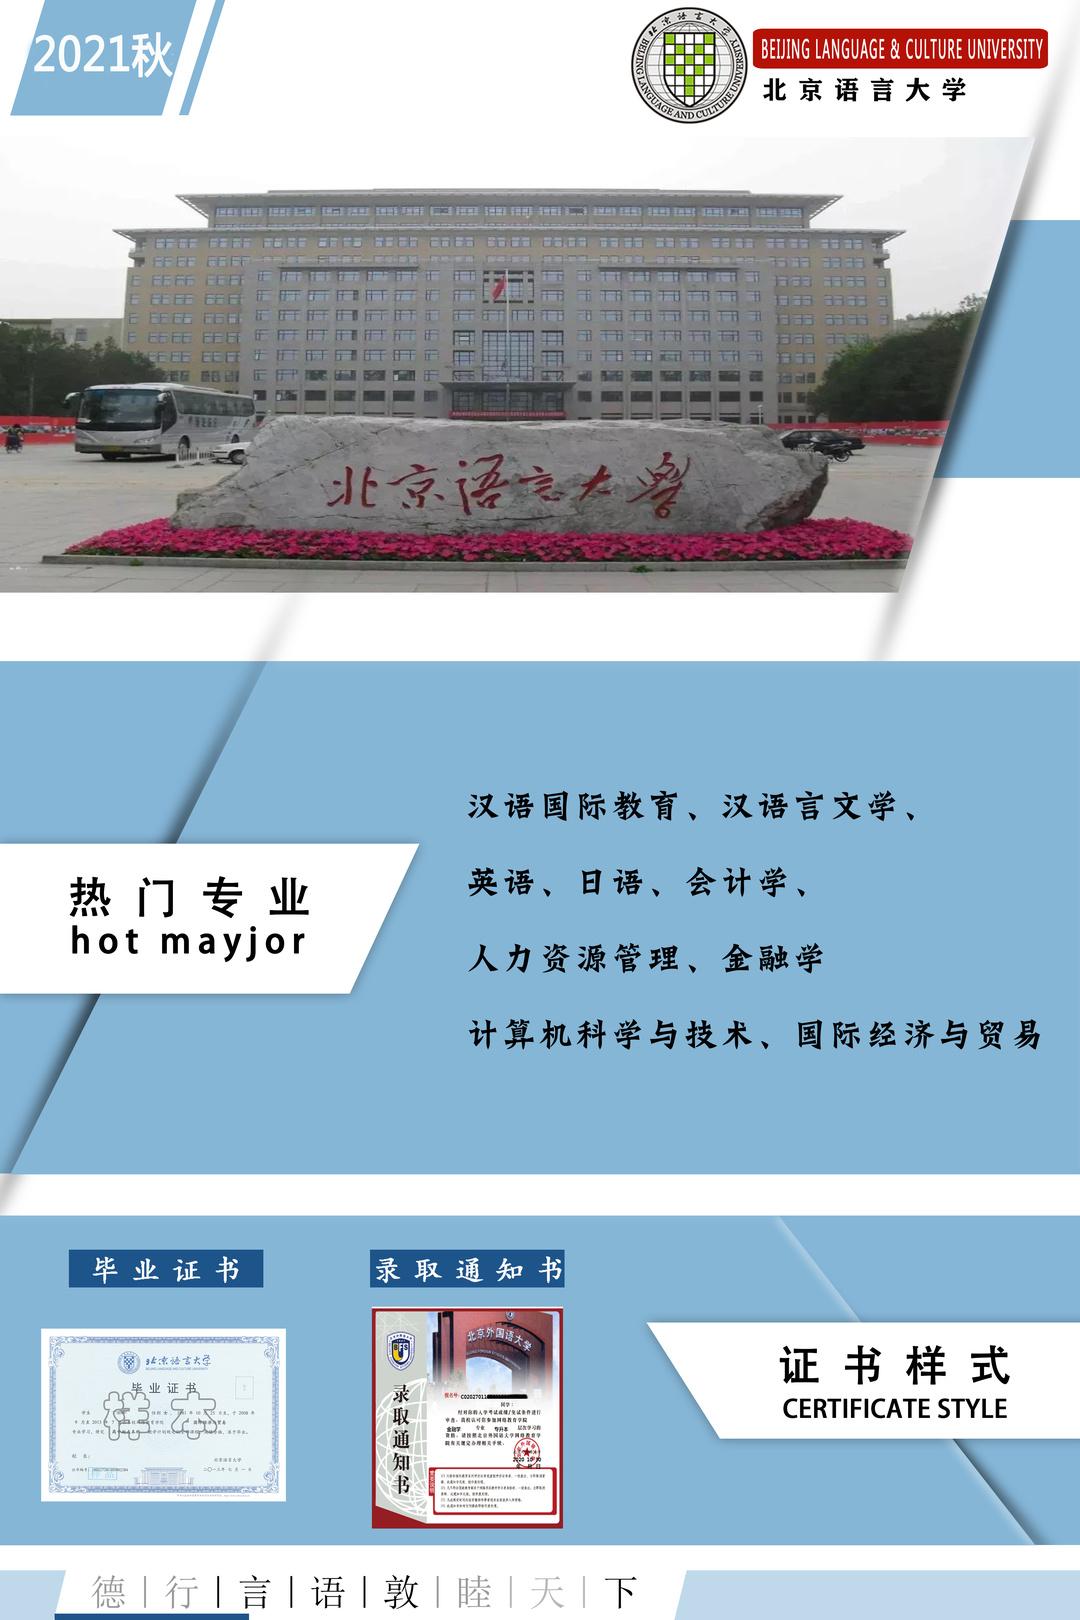 21秋北京语言大学.jpg